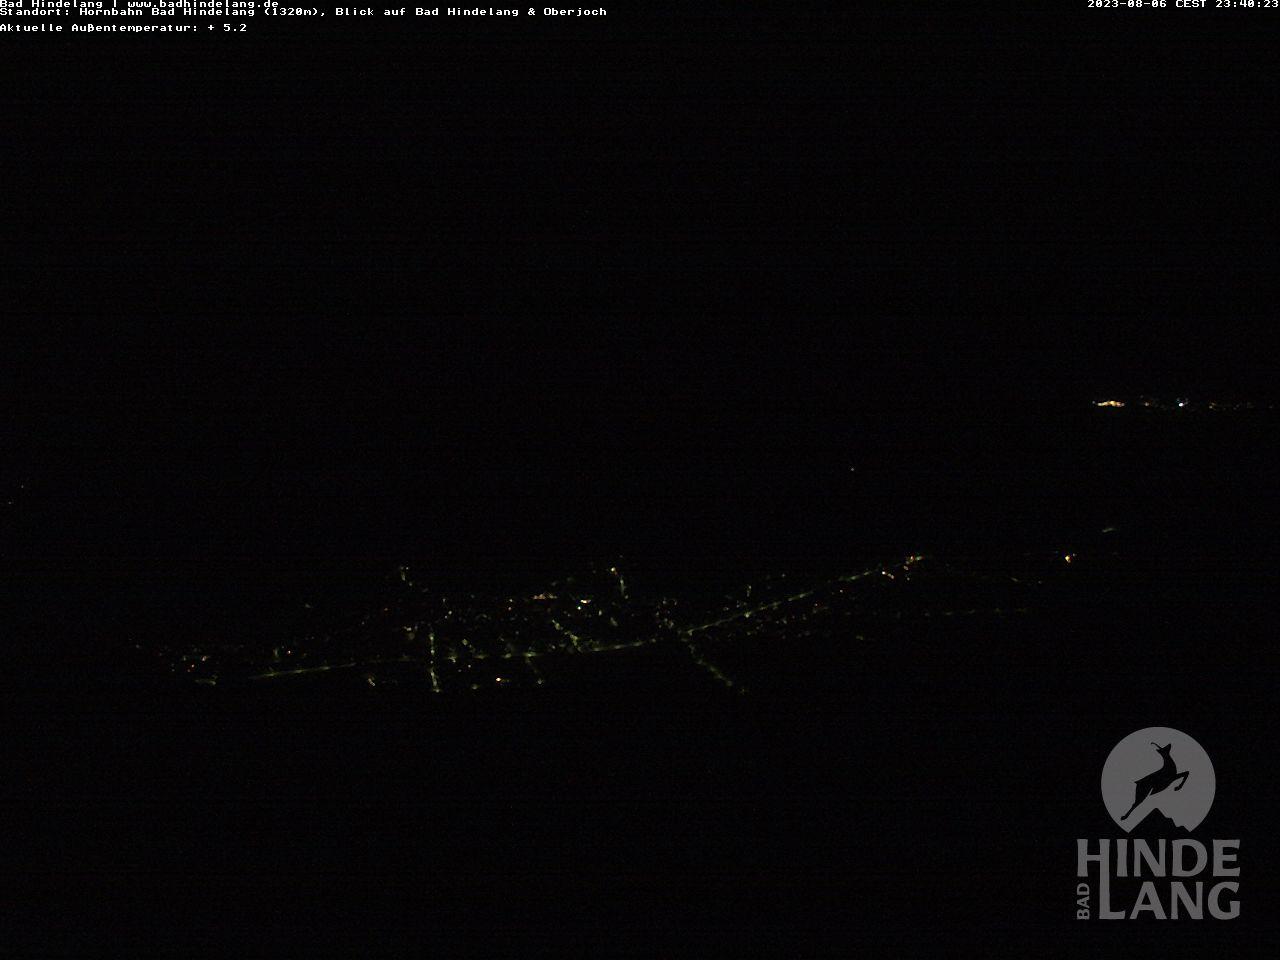 Webcam an der Hindelanger Hornbahn - Ausblick von der Bergstation Hornbahn (1.320 Meter) auf Bad Hindelang und Oberjoch